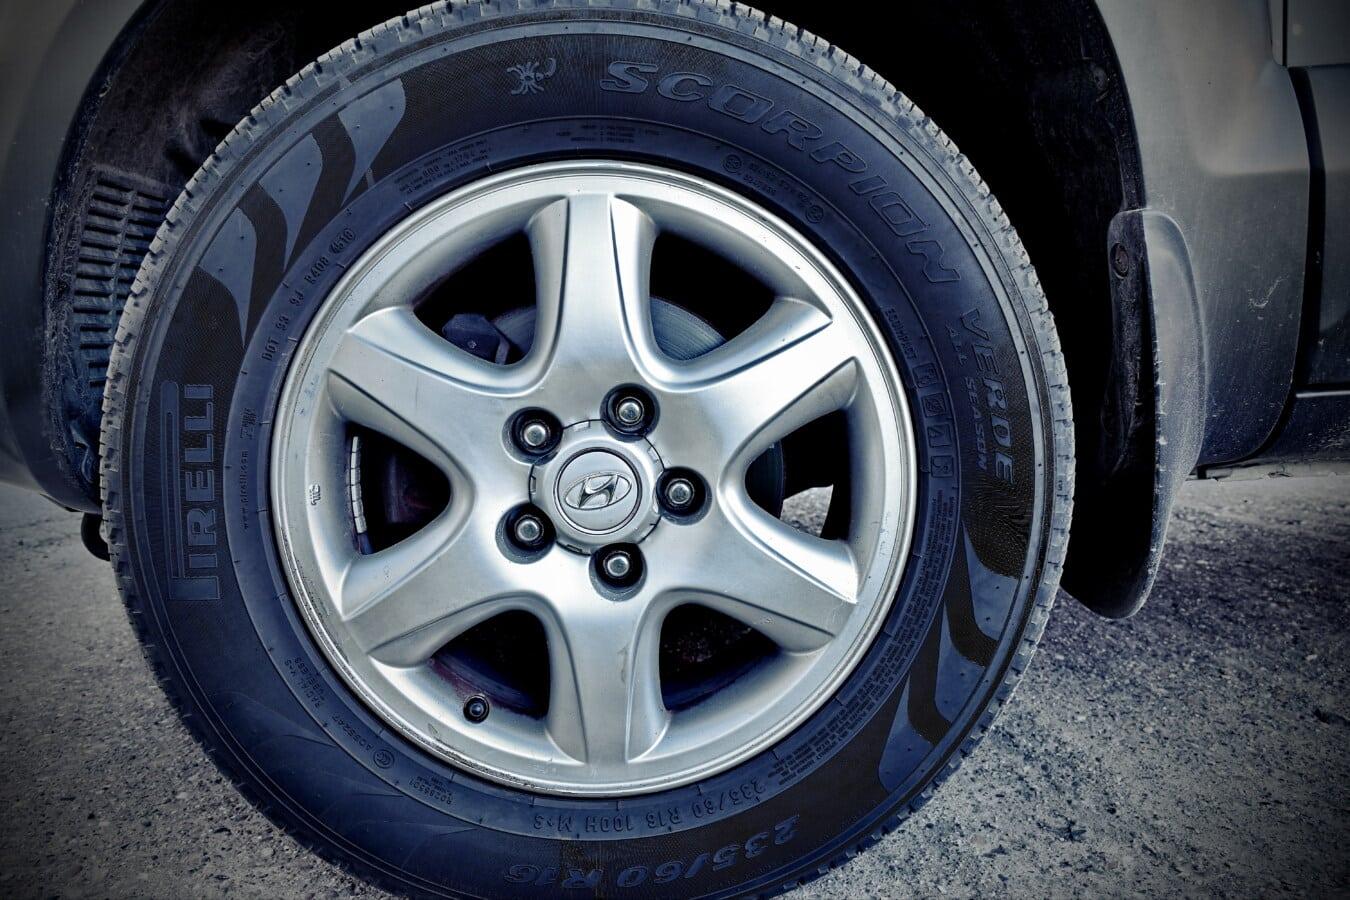 automobile, pneu, jante, brillante, métalliques, en alliage, en aluminium, asphalte, caoutchouc, roue